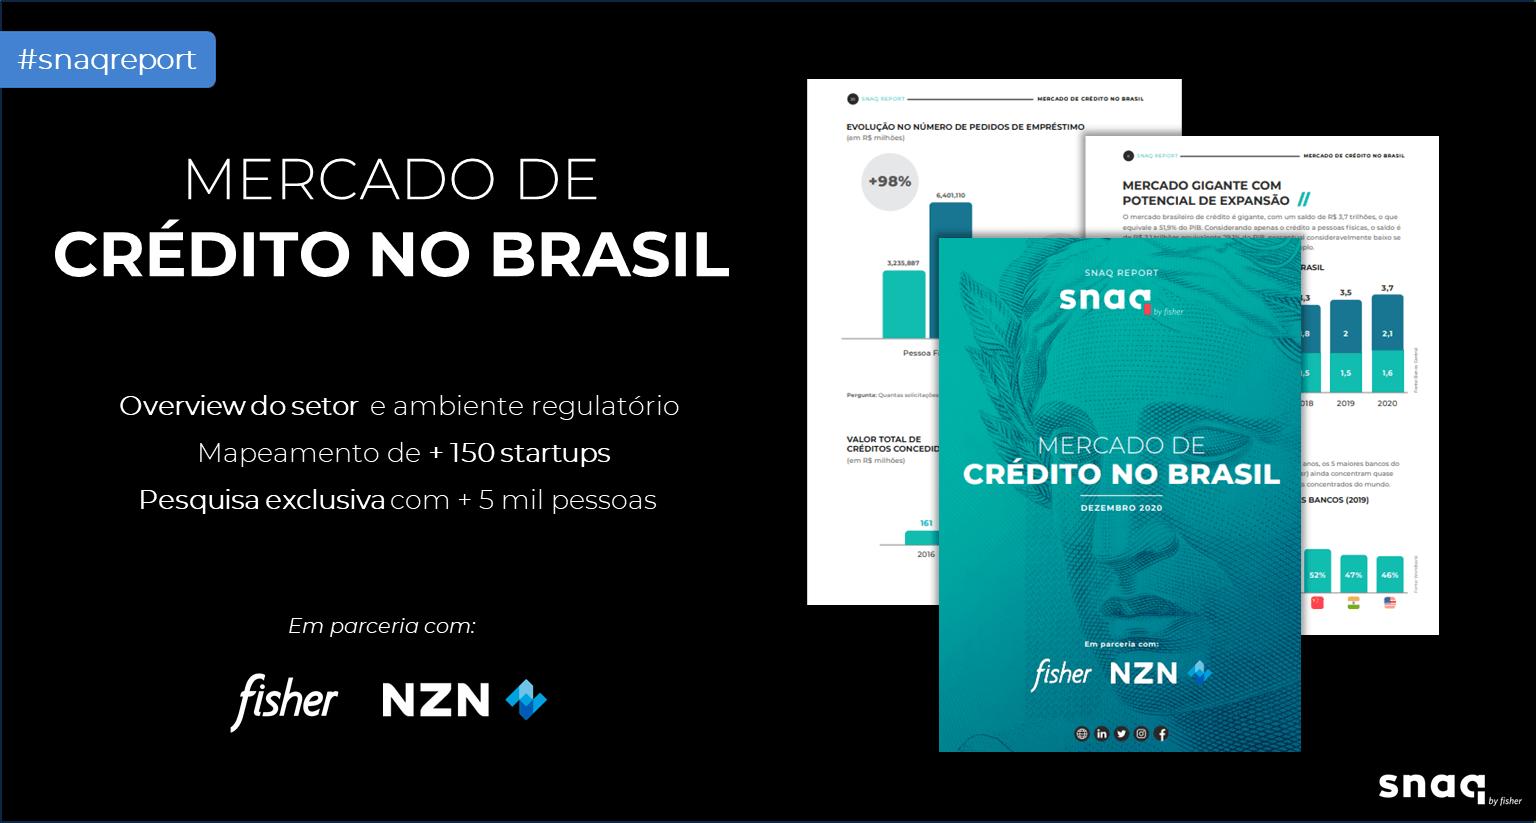 mercado de crédito no brasil